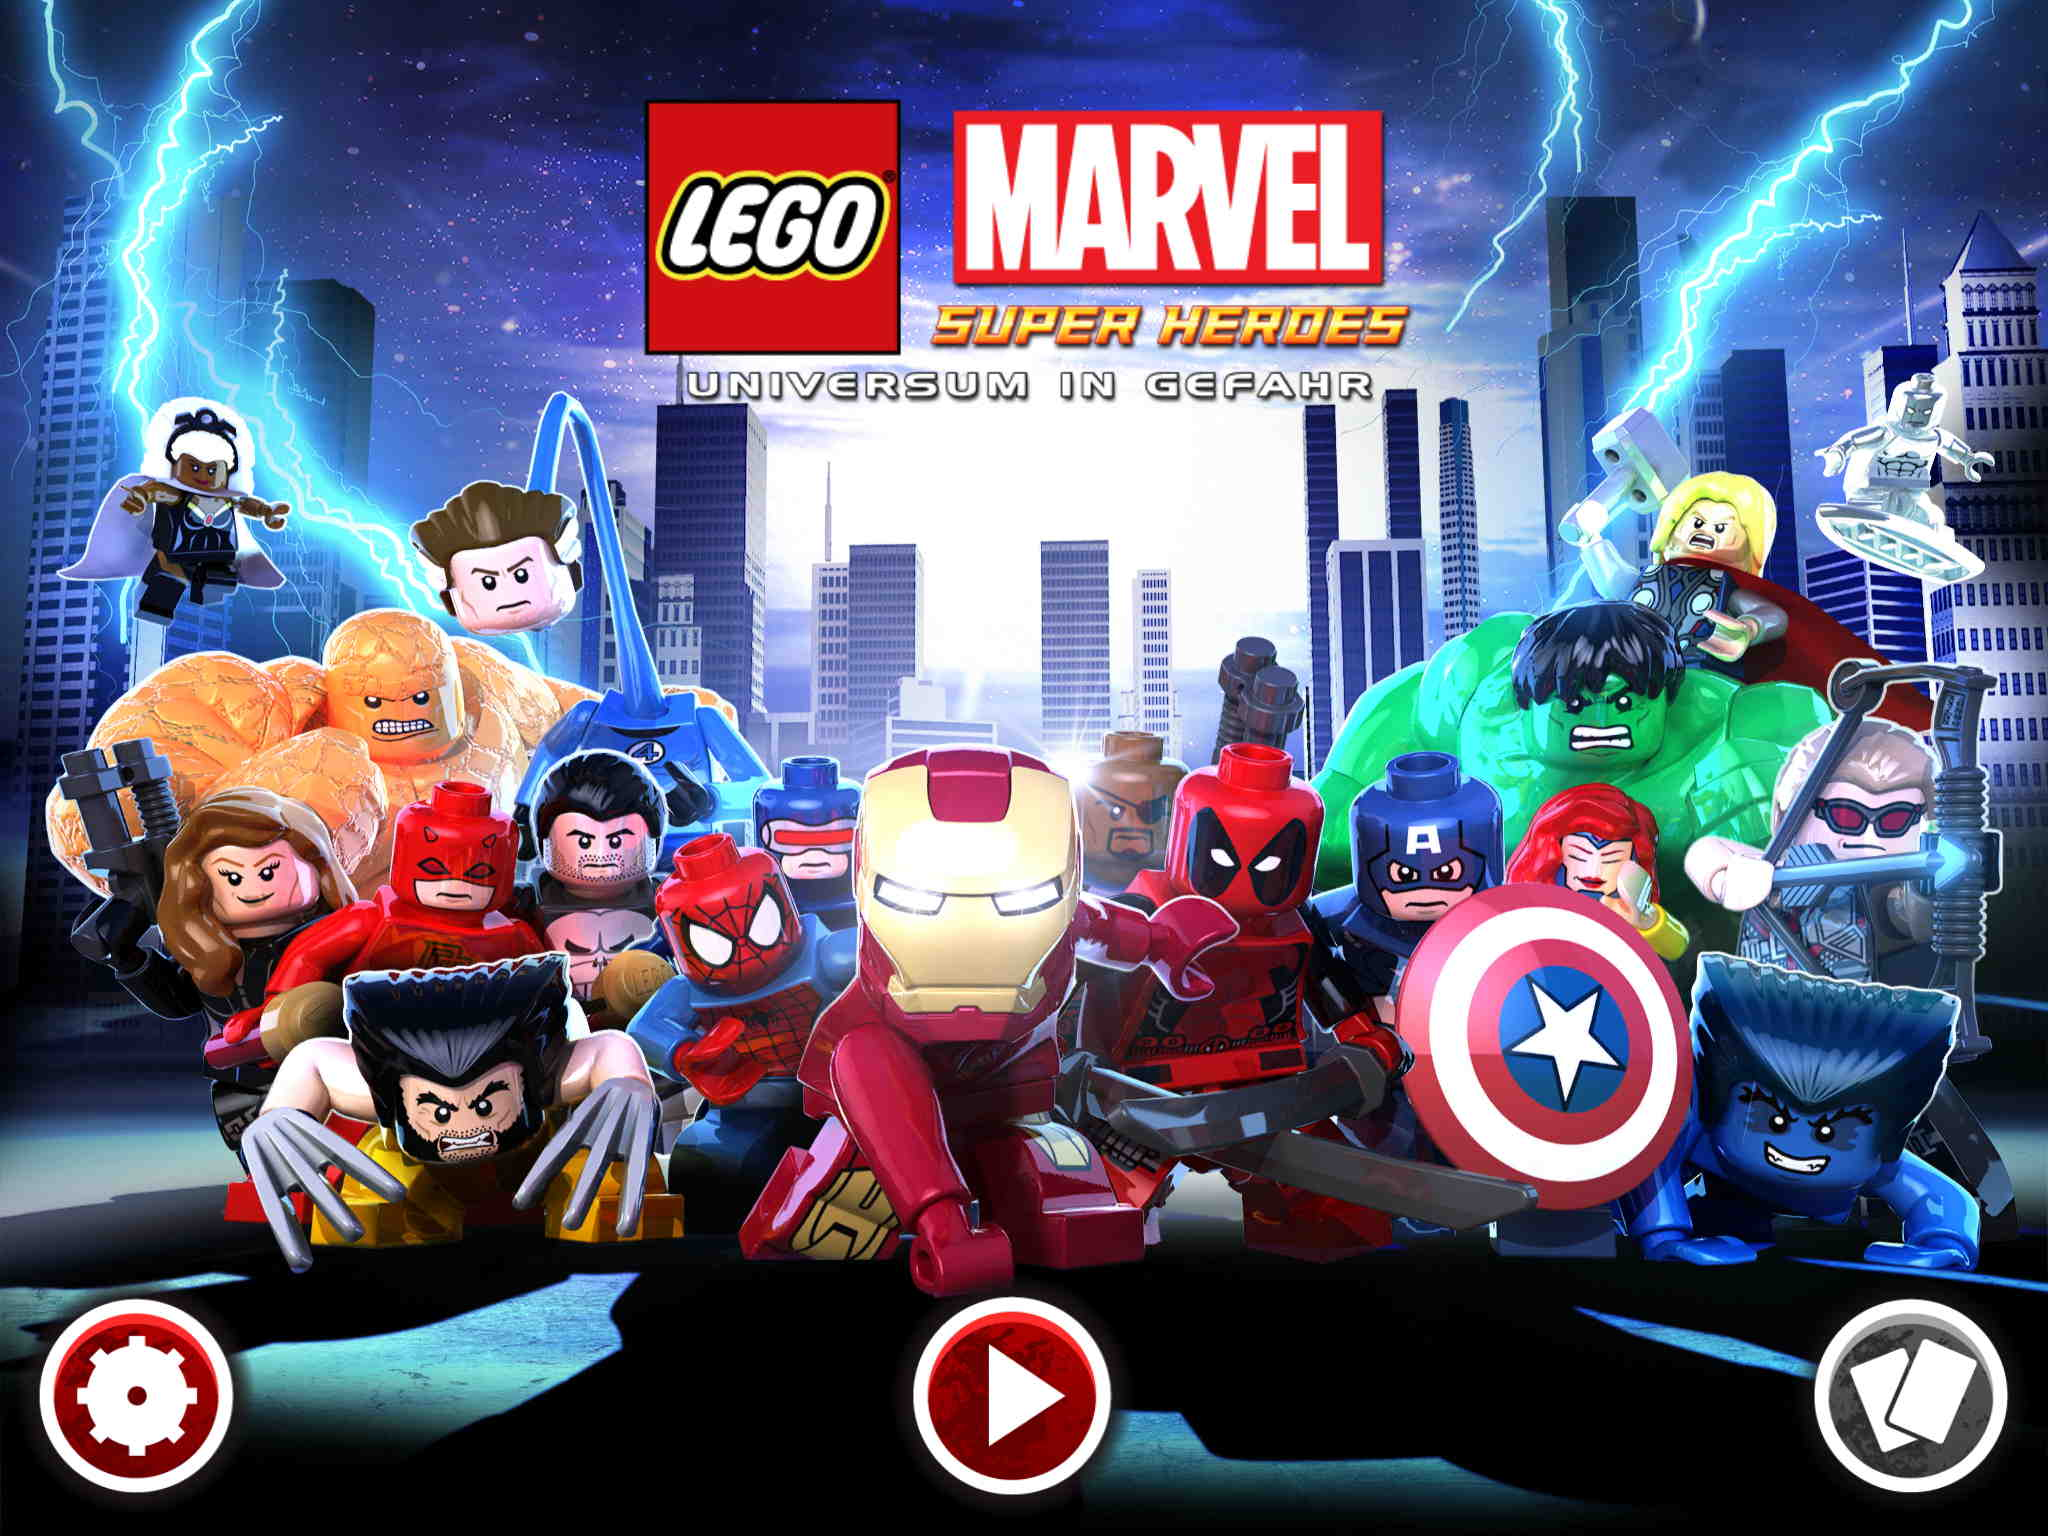 LegoMarvelSuperHeroes01